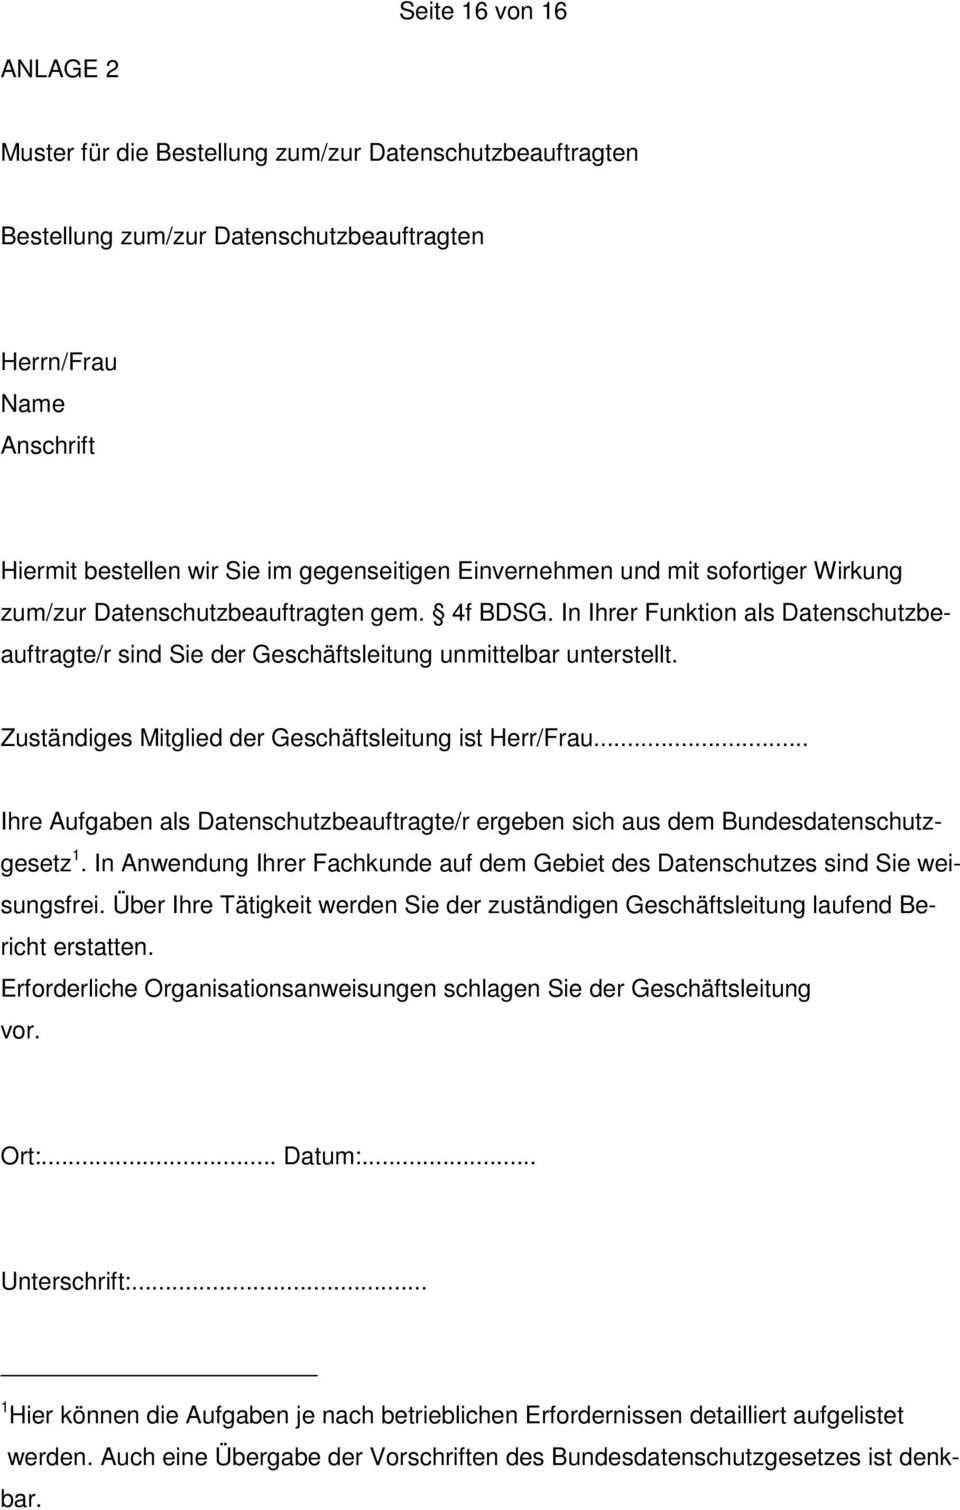 Der Betriebliche Datenschutzbeauftragte Pdf Free Download